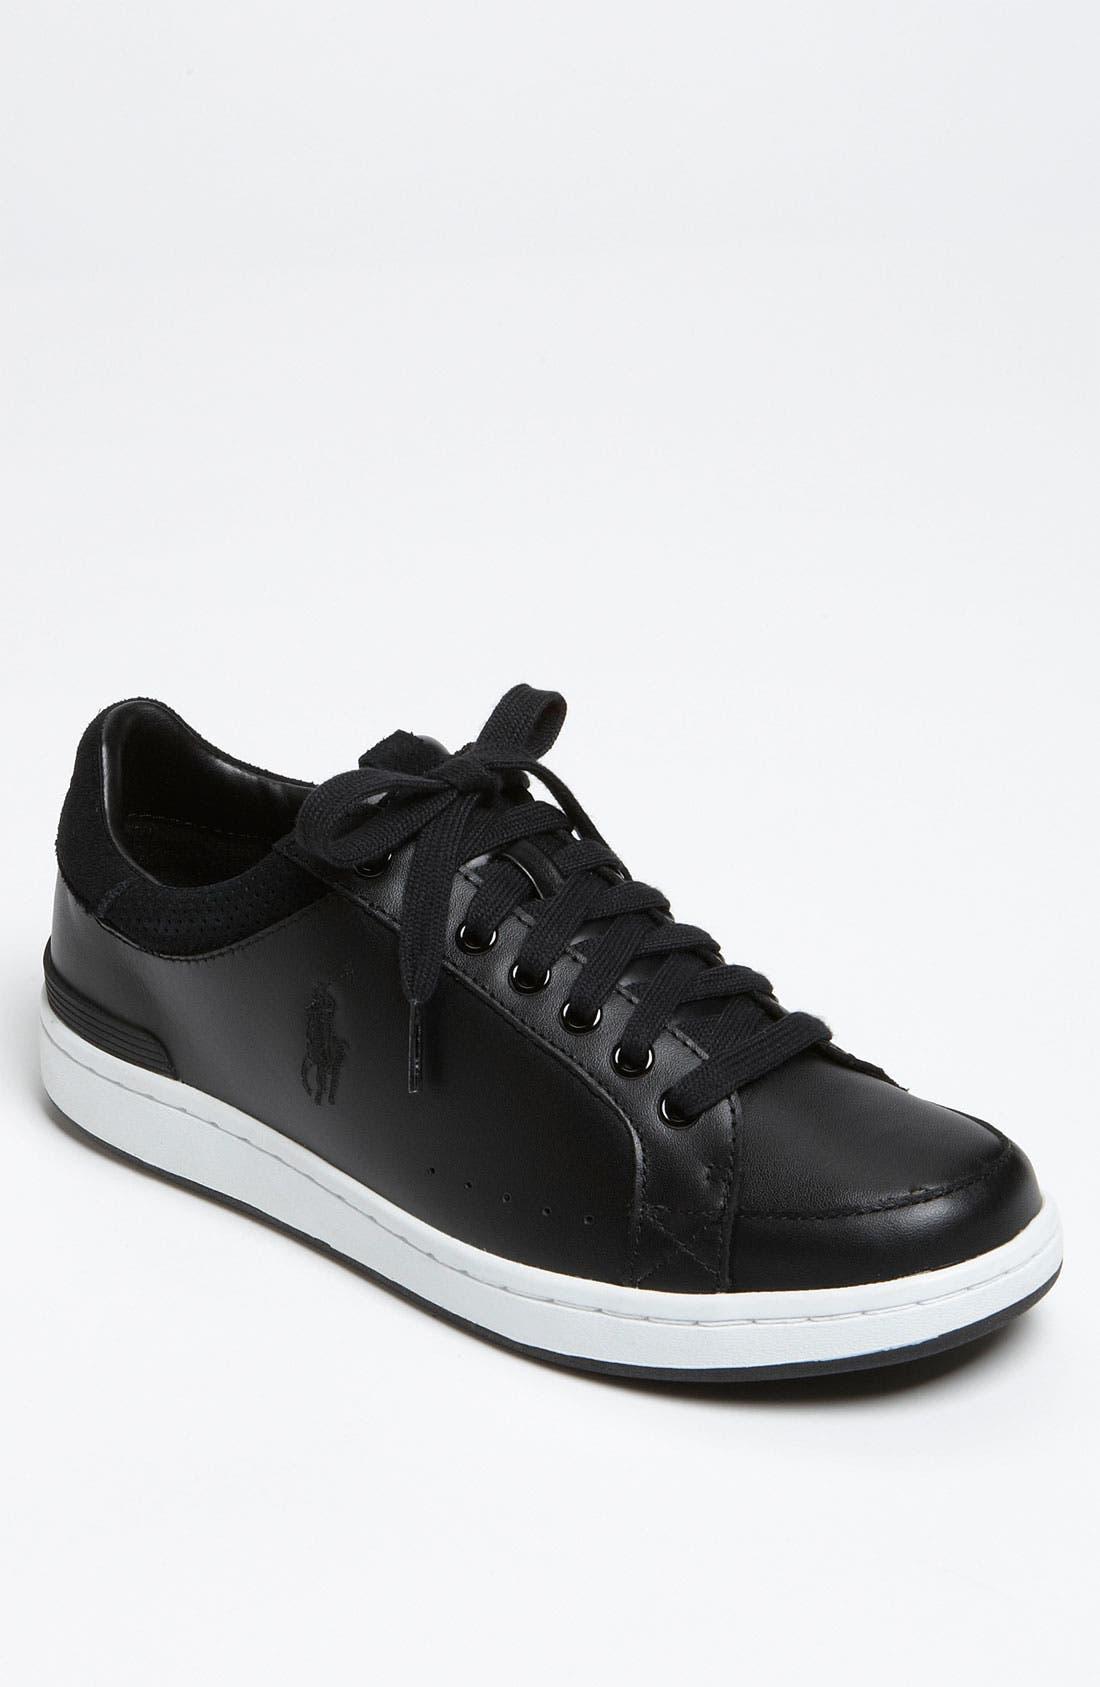 Alternate Image 1 Selected - Polo Ralph Lauren 'Talbert' Sneaker